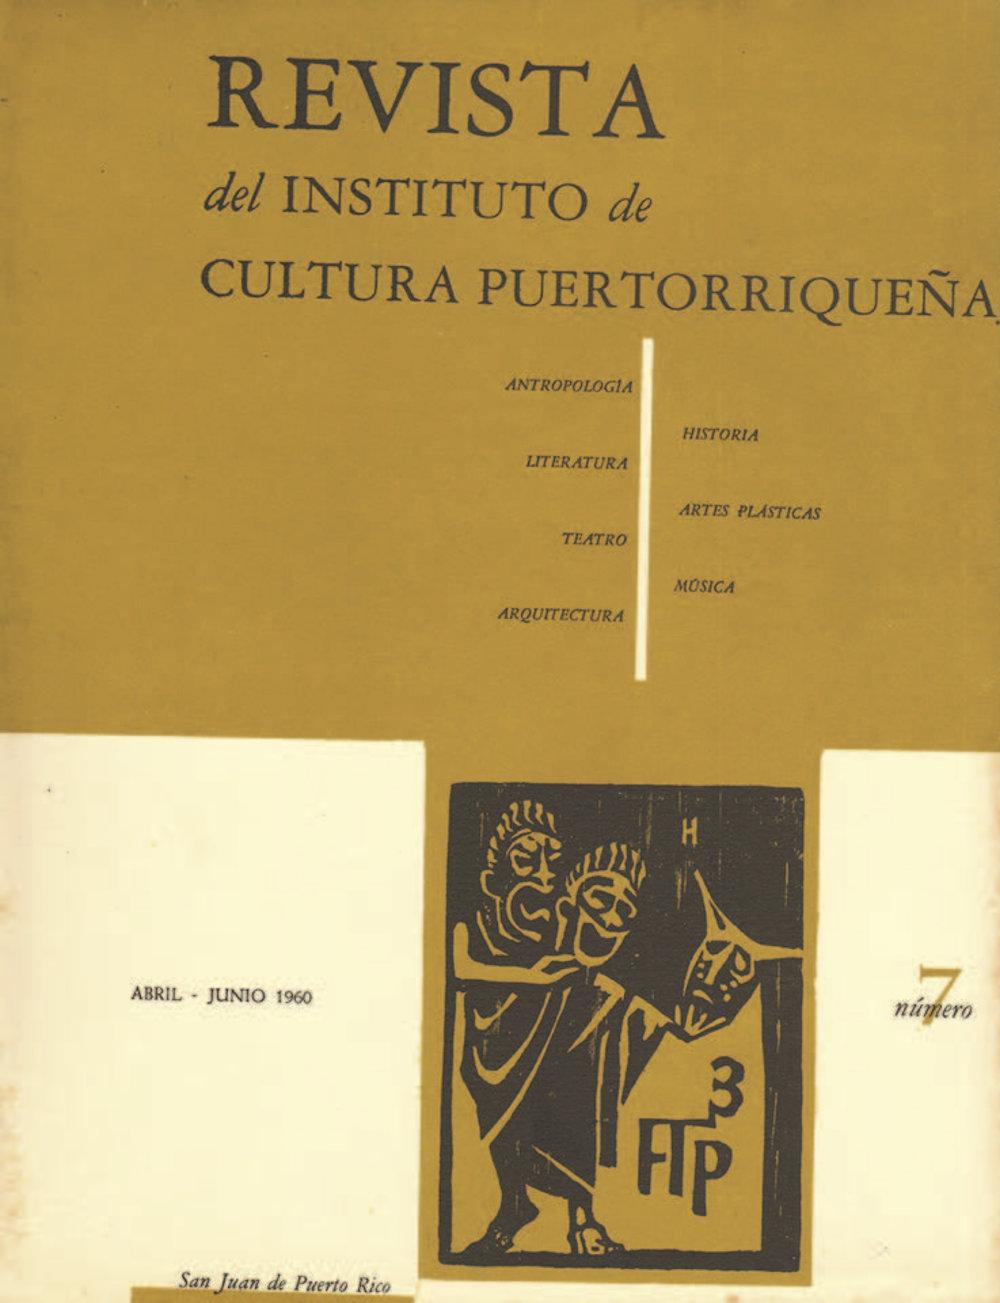 Revista del ICP, Primera Serie, Número 7.jpg